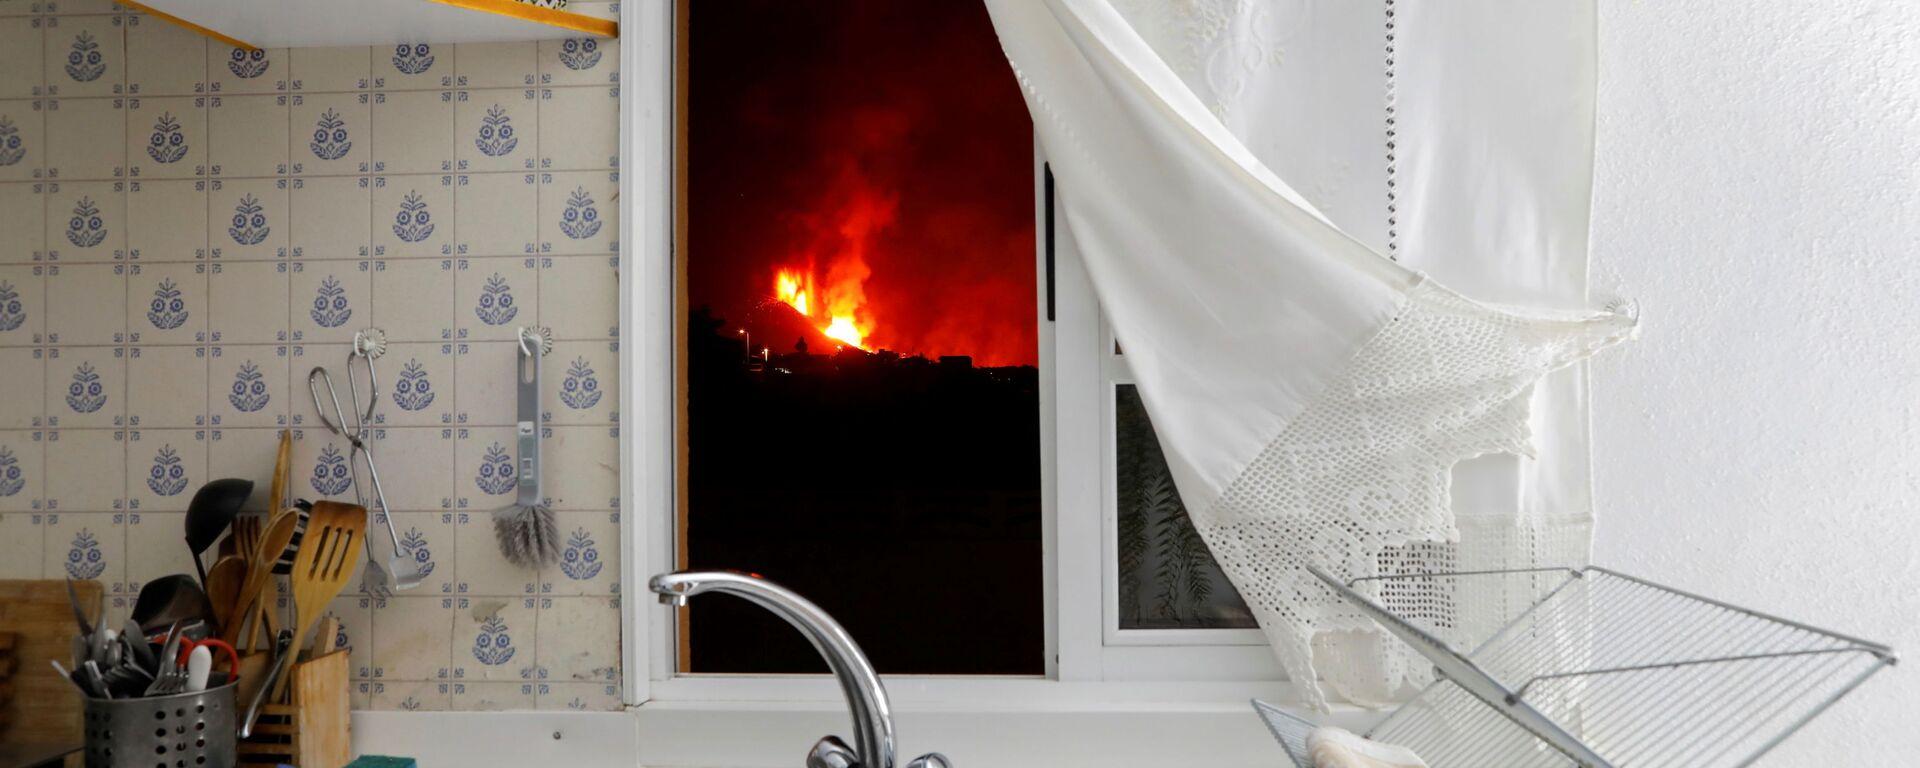 Вид на лаву из окна кухни на Канарском острове Ла-Пальма, Испания - Sputnik Mundo, 1920, 02.10.2021